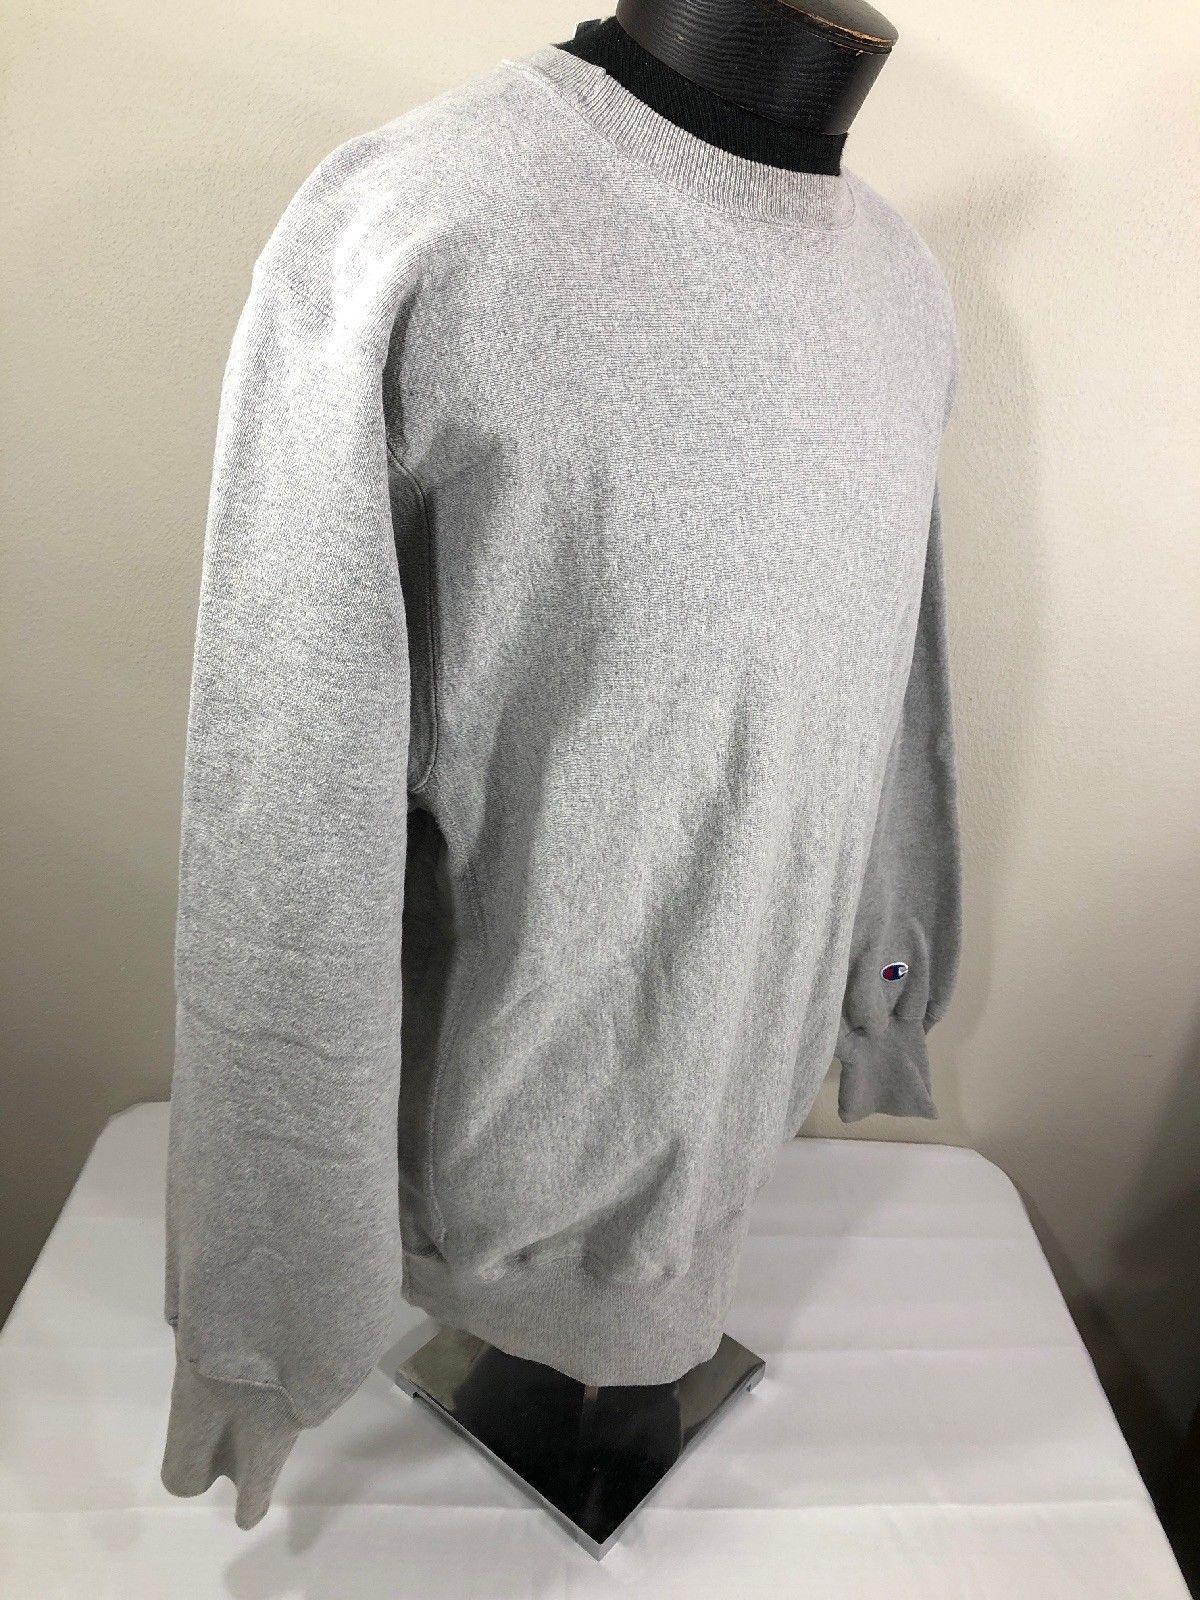 VTG Champion Reverse Weave Sweatshirt Crew Neck Jumper XL 90s Warm Up Grey